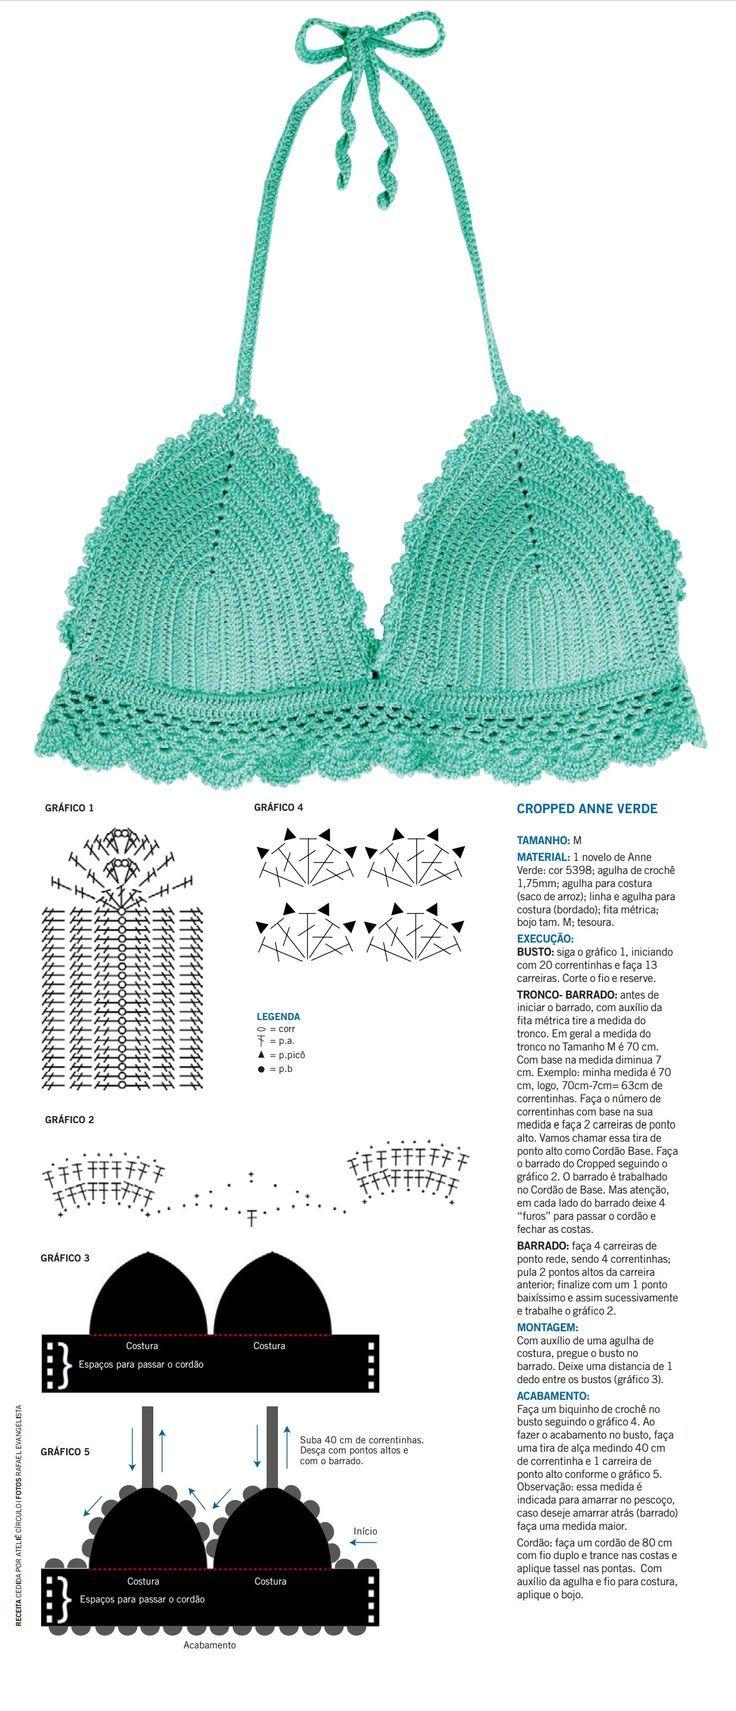 3394 best bikini crochet images on Pinterest | Chrochet, Crochet ...